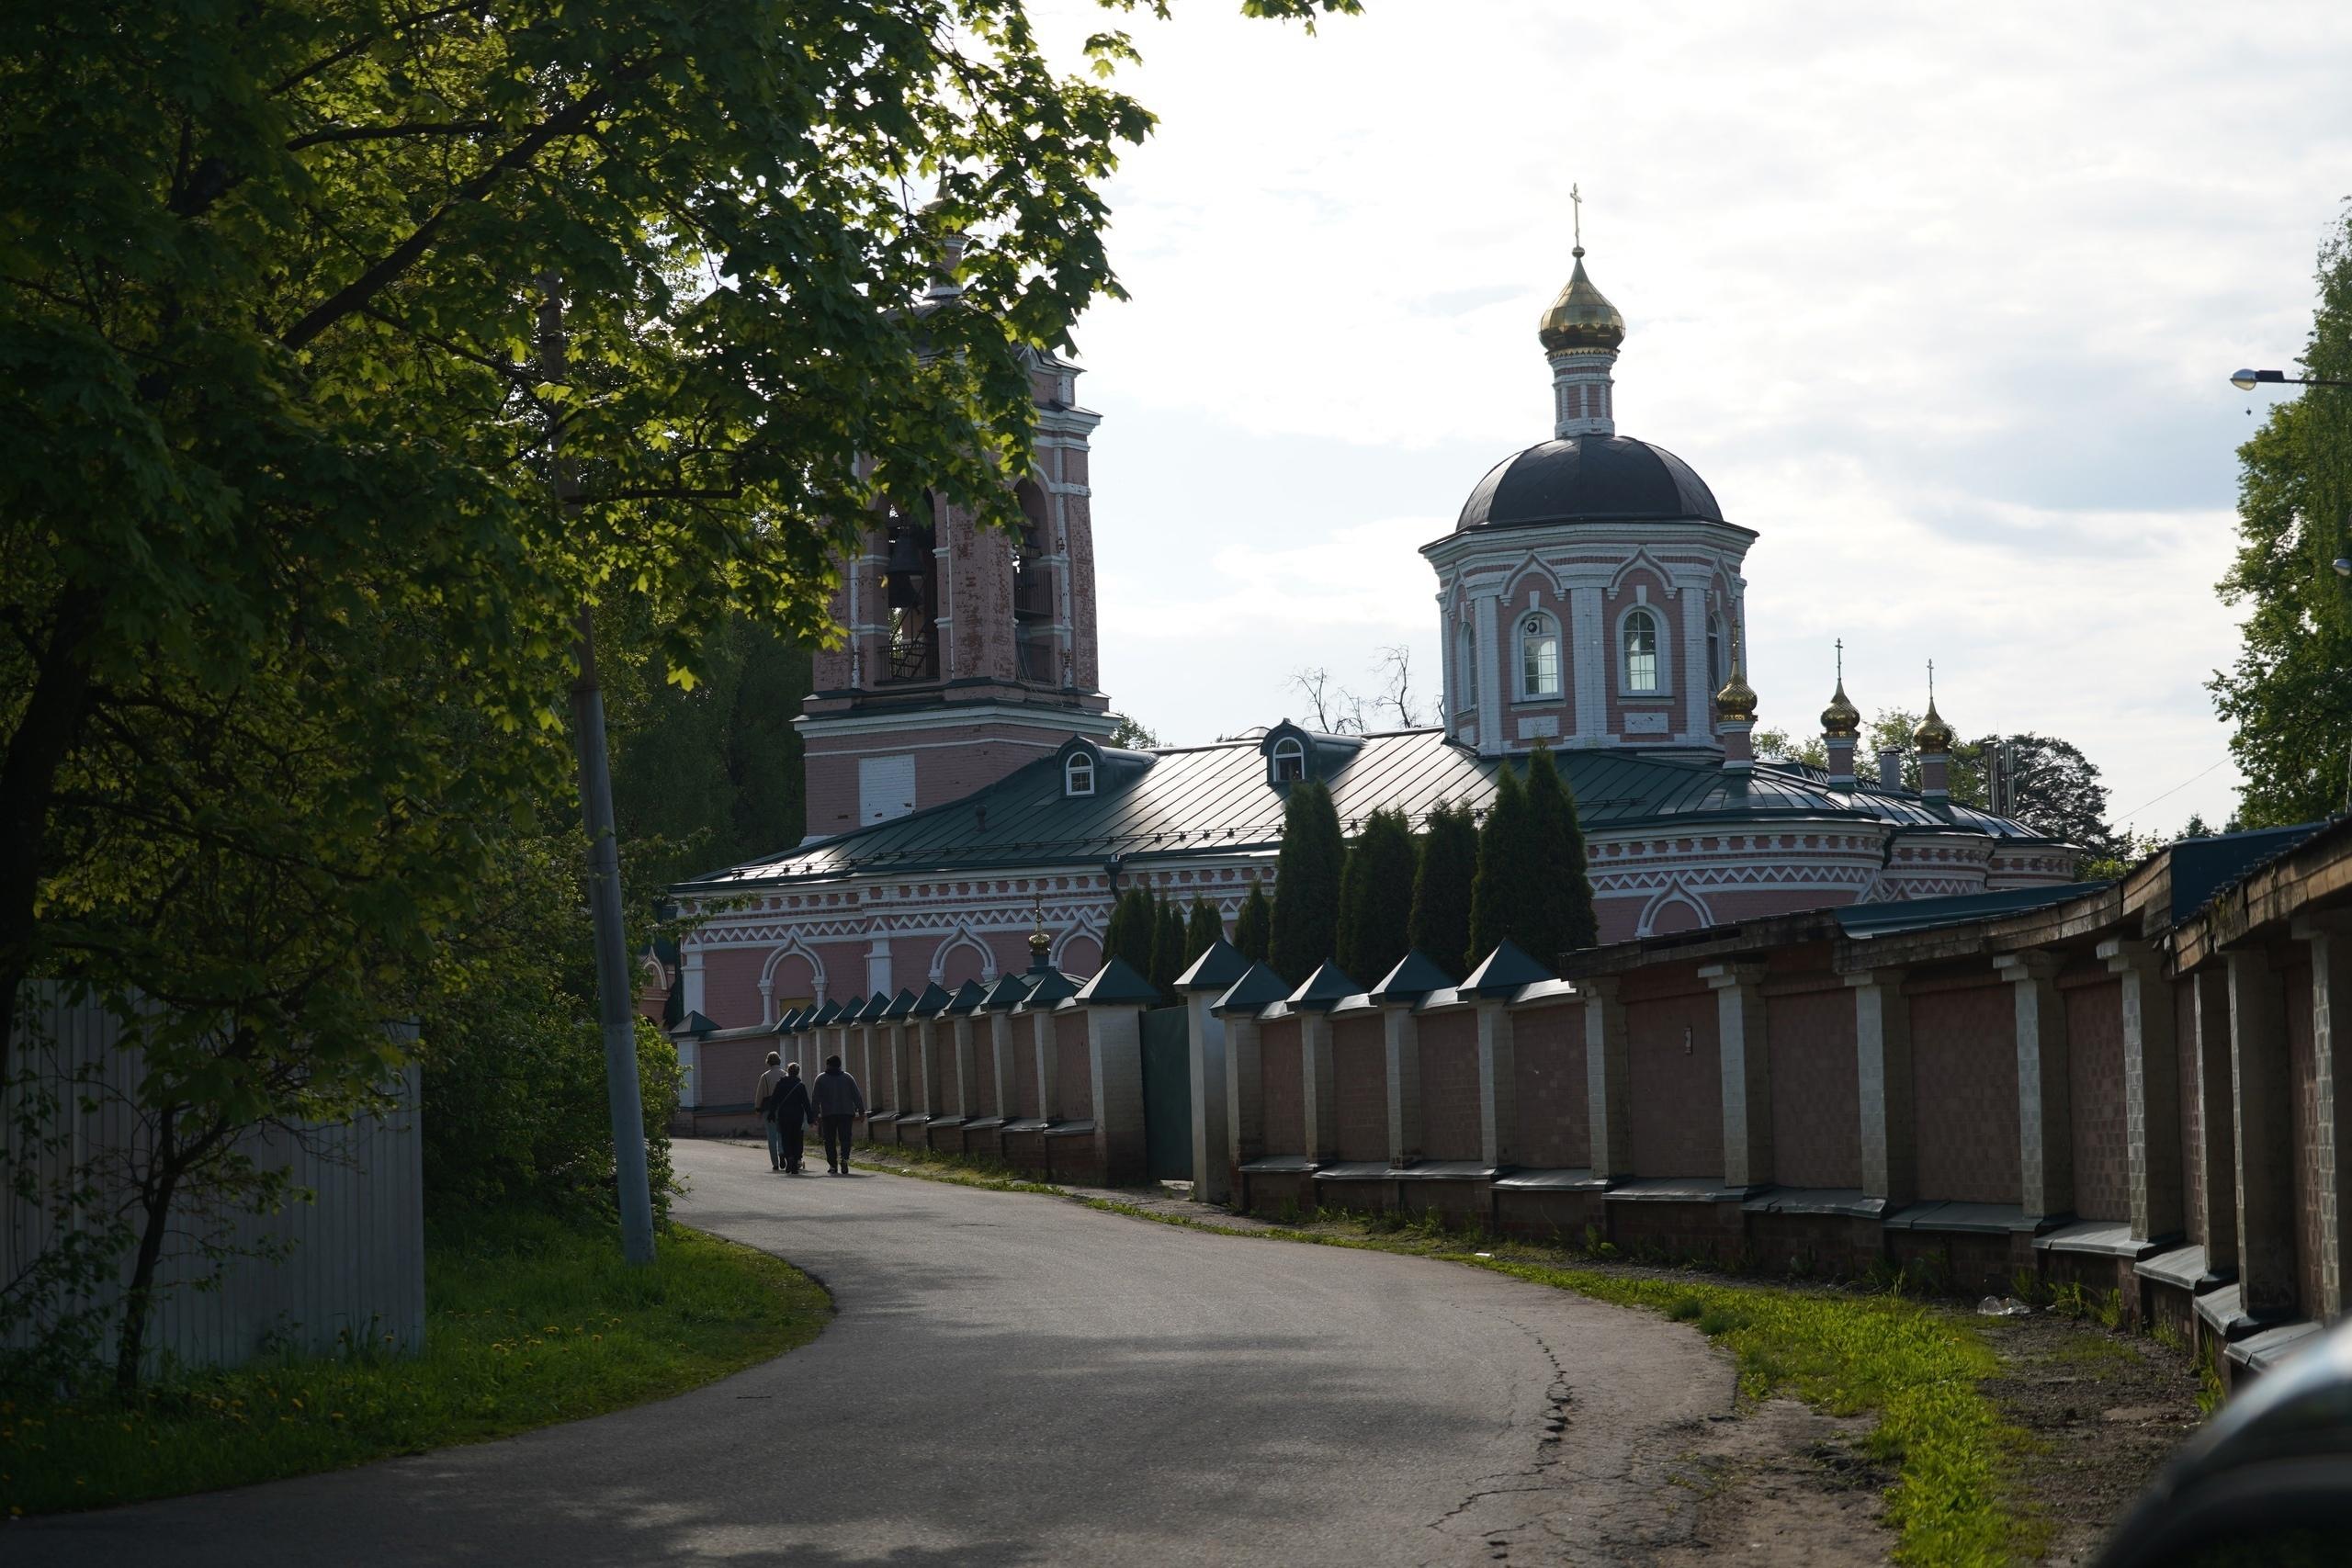 Несколько фото с улицы Николая Сироткина!